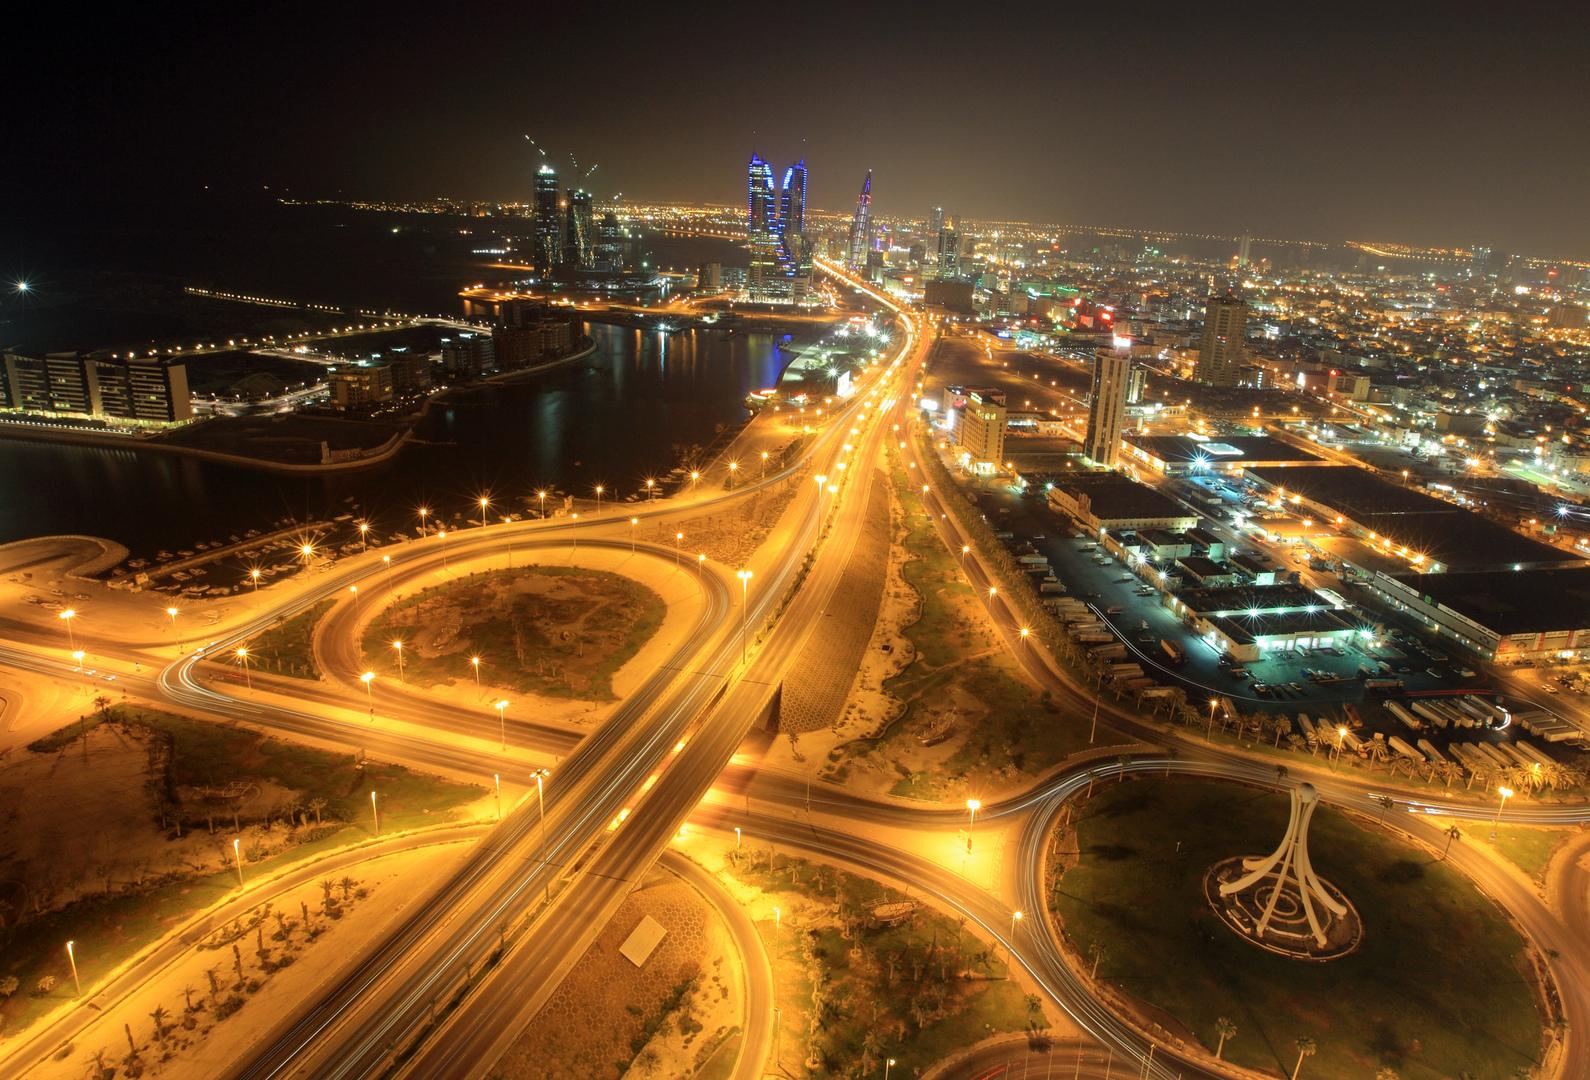 وسائل إعلام: البحرين تعلن إحباط مخطط إرهابي مدعوم من الحرس الثوري الإيراني